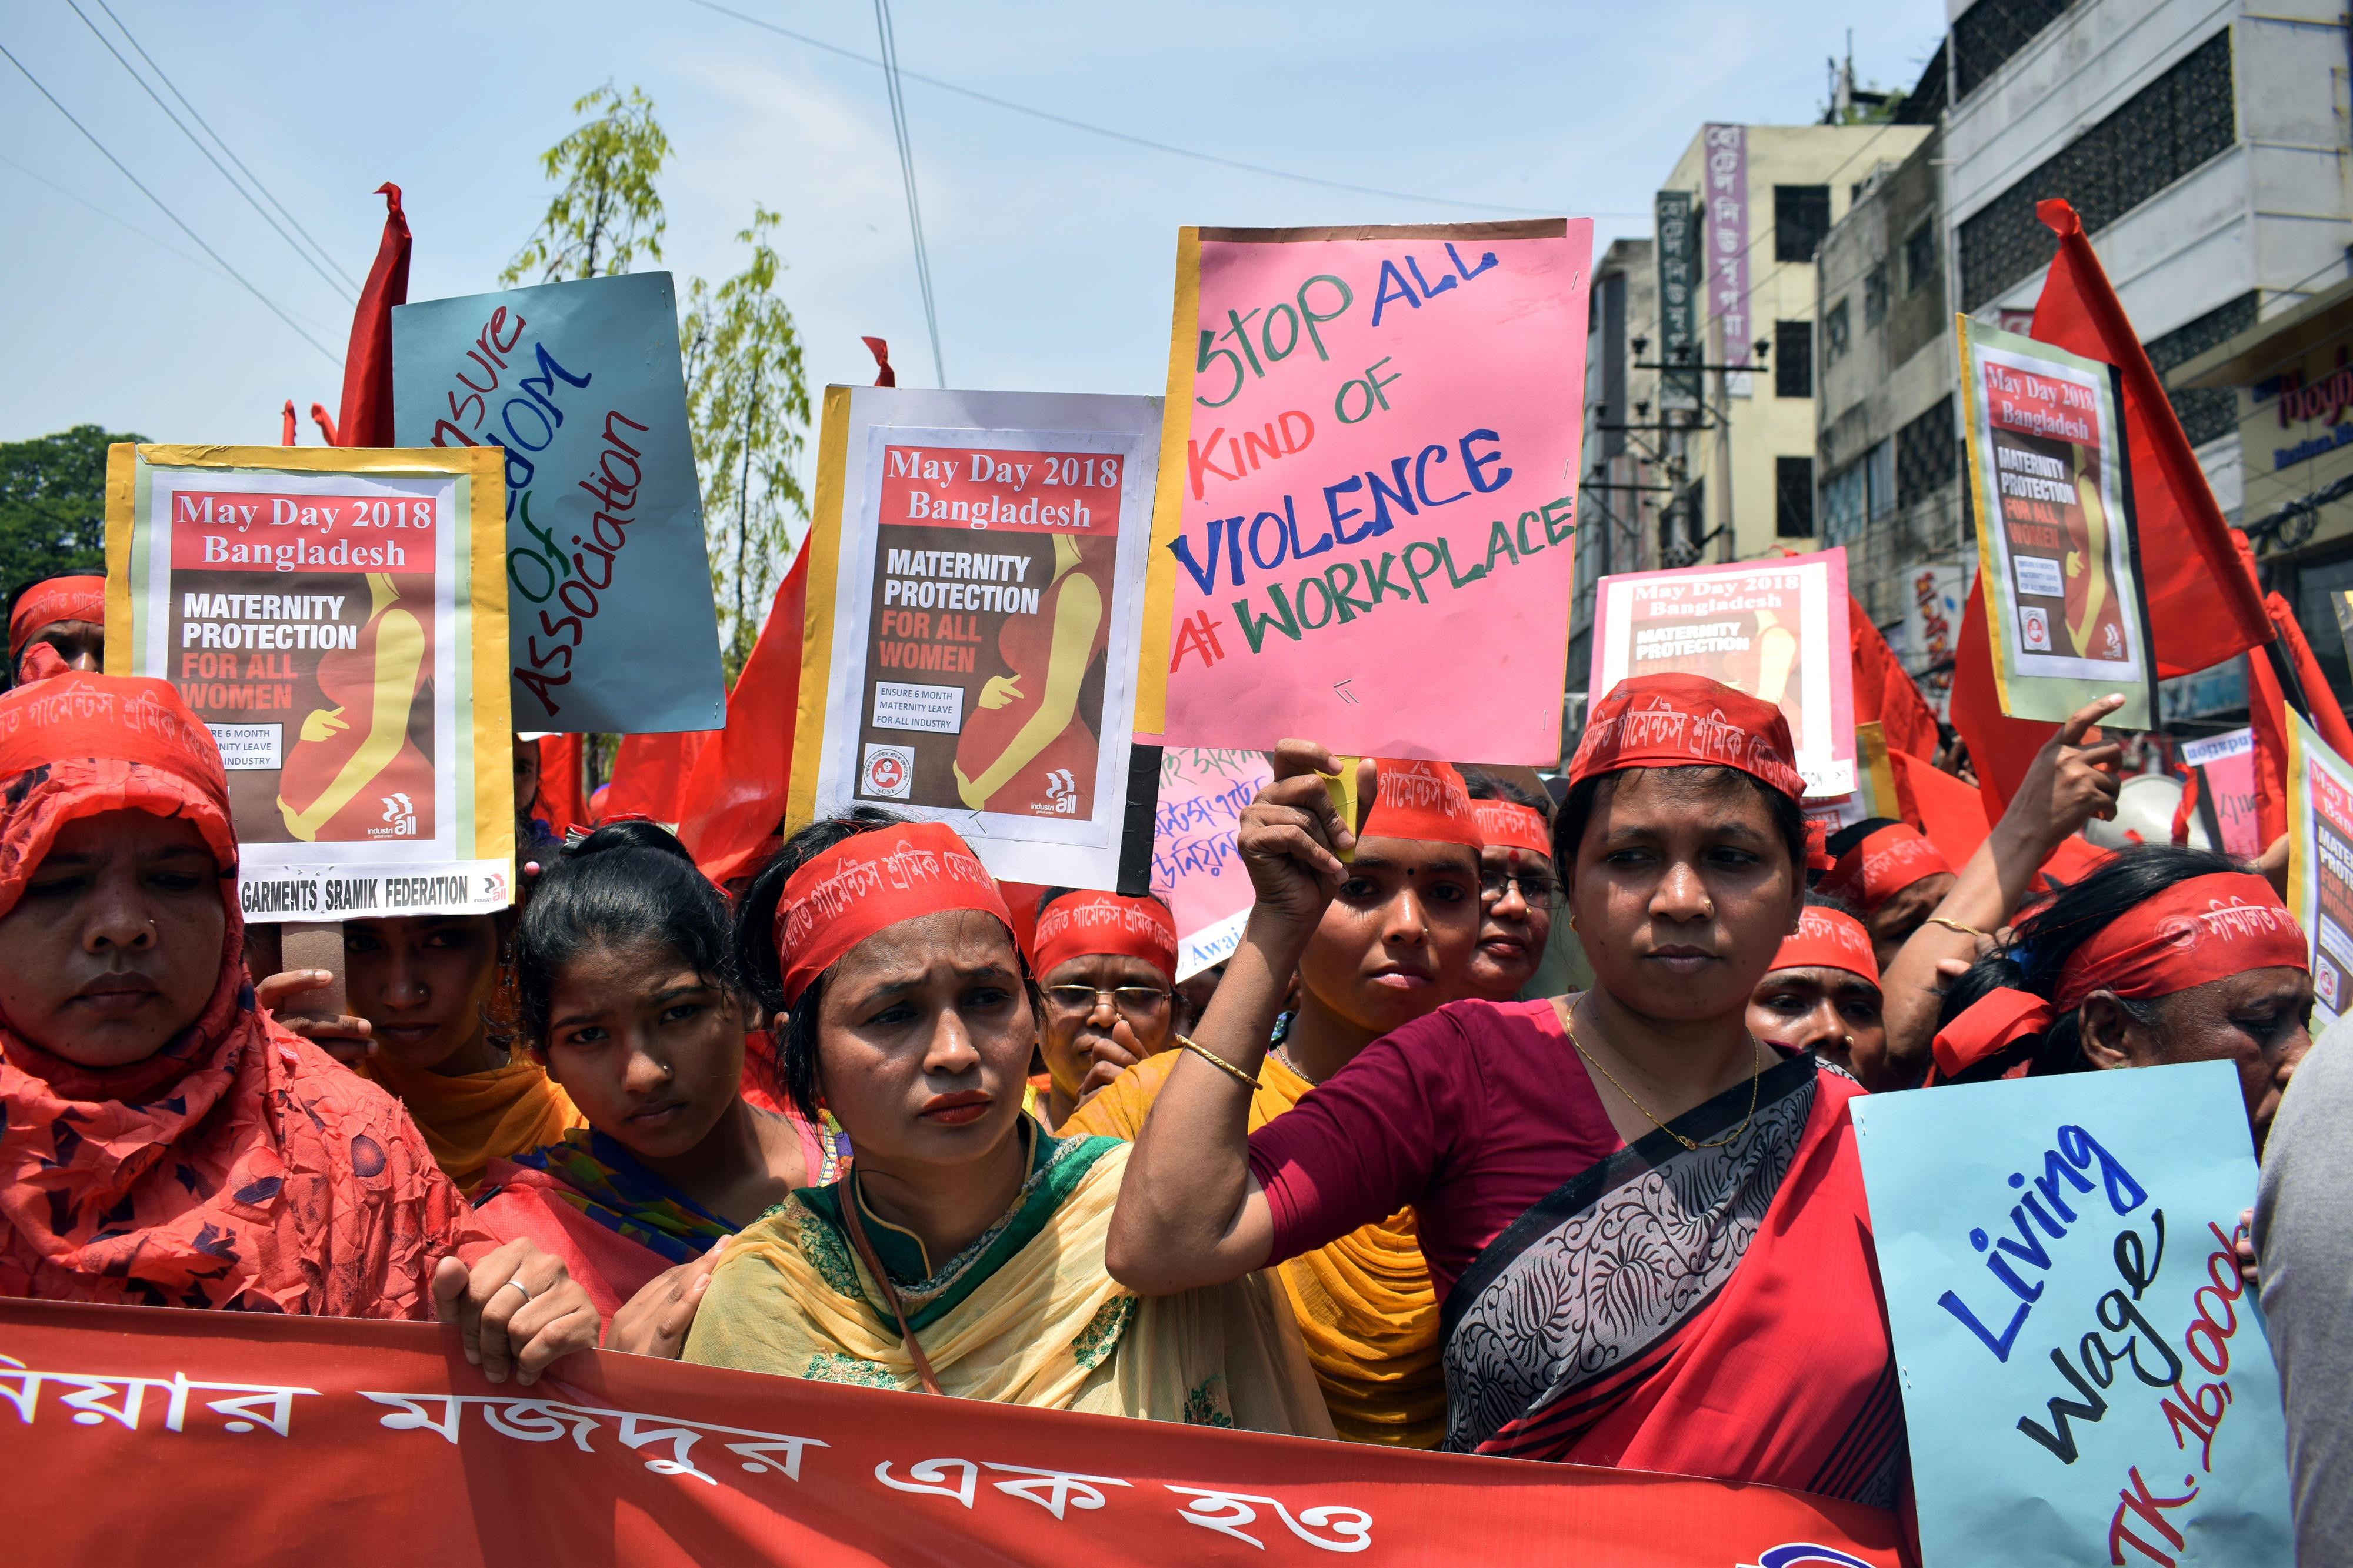 Am 1. Mai 2018 demonstrieren Frauen in Bangladesch für ihre Grundrechte. Sie halten Plakate mit ihren Forderungen – unter anderem: Gesundheitsversorgung für Schwangere, Schutz vor Gewalt am Arbeitsplatz und existenzsichernde Löhne